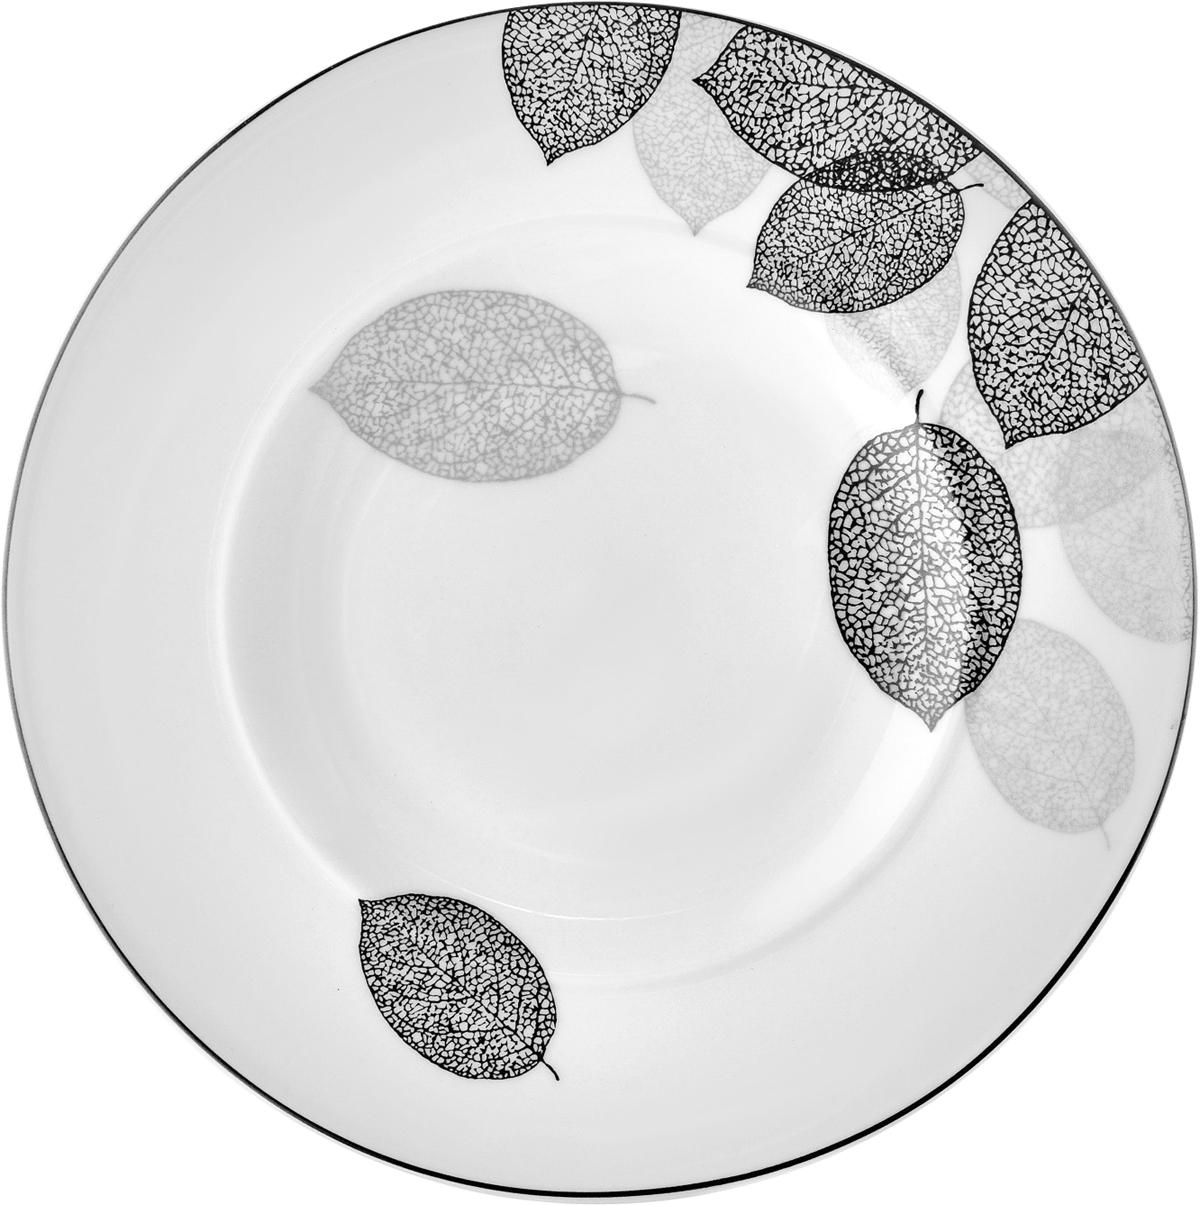 """Набор десертных тарелок Esprado """"Bosqua Platina"""", диаметр 18,5 см, 6 шт"""